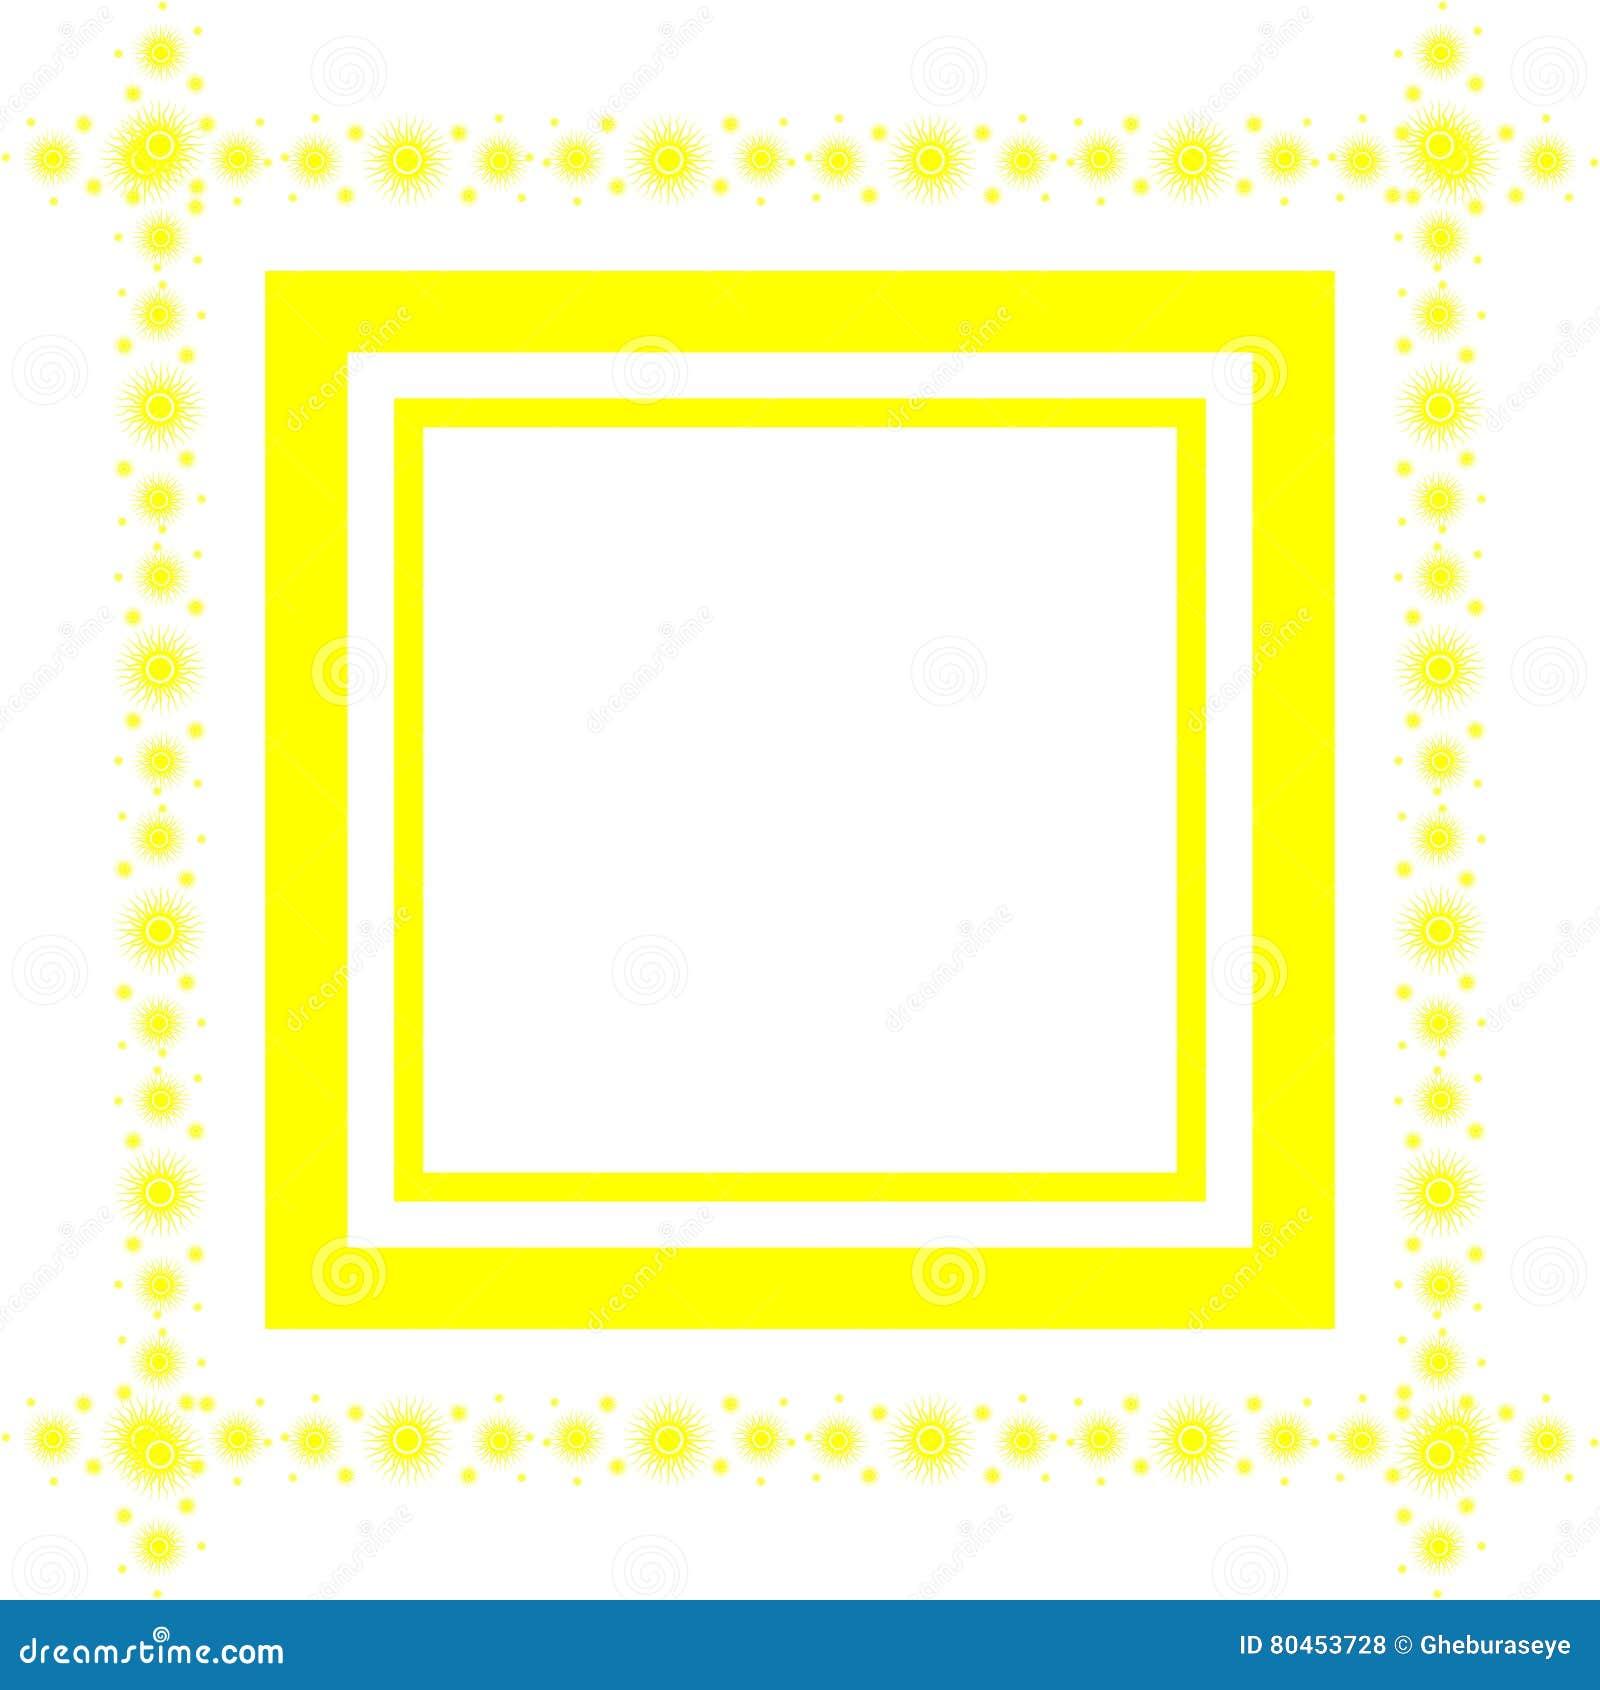 Künstlerischer Bunter Rahmen Im Gelb Lokalisiert Vektor Abbildung ...